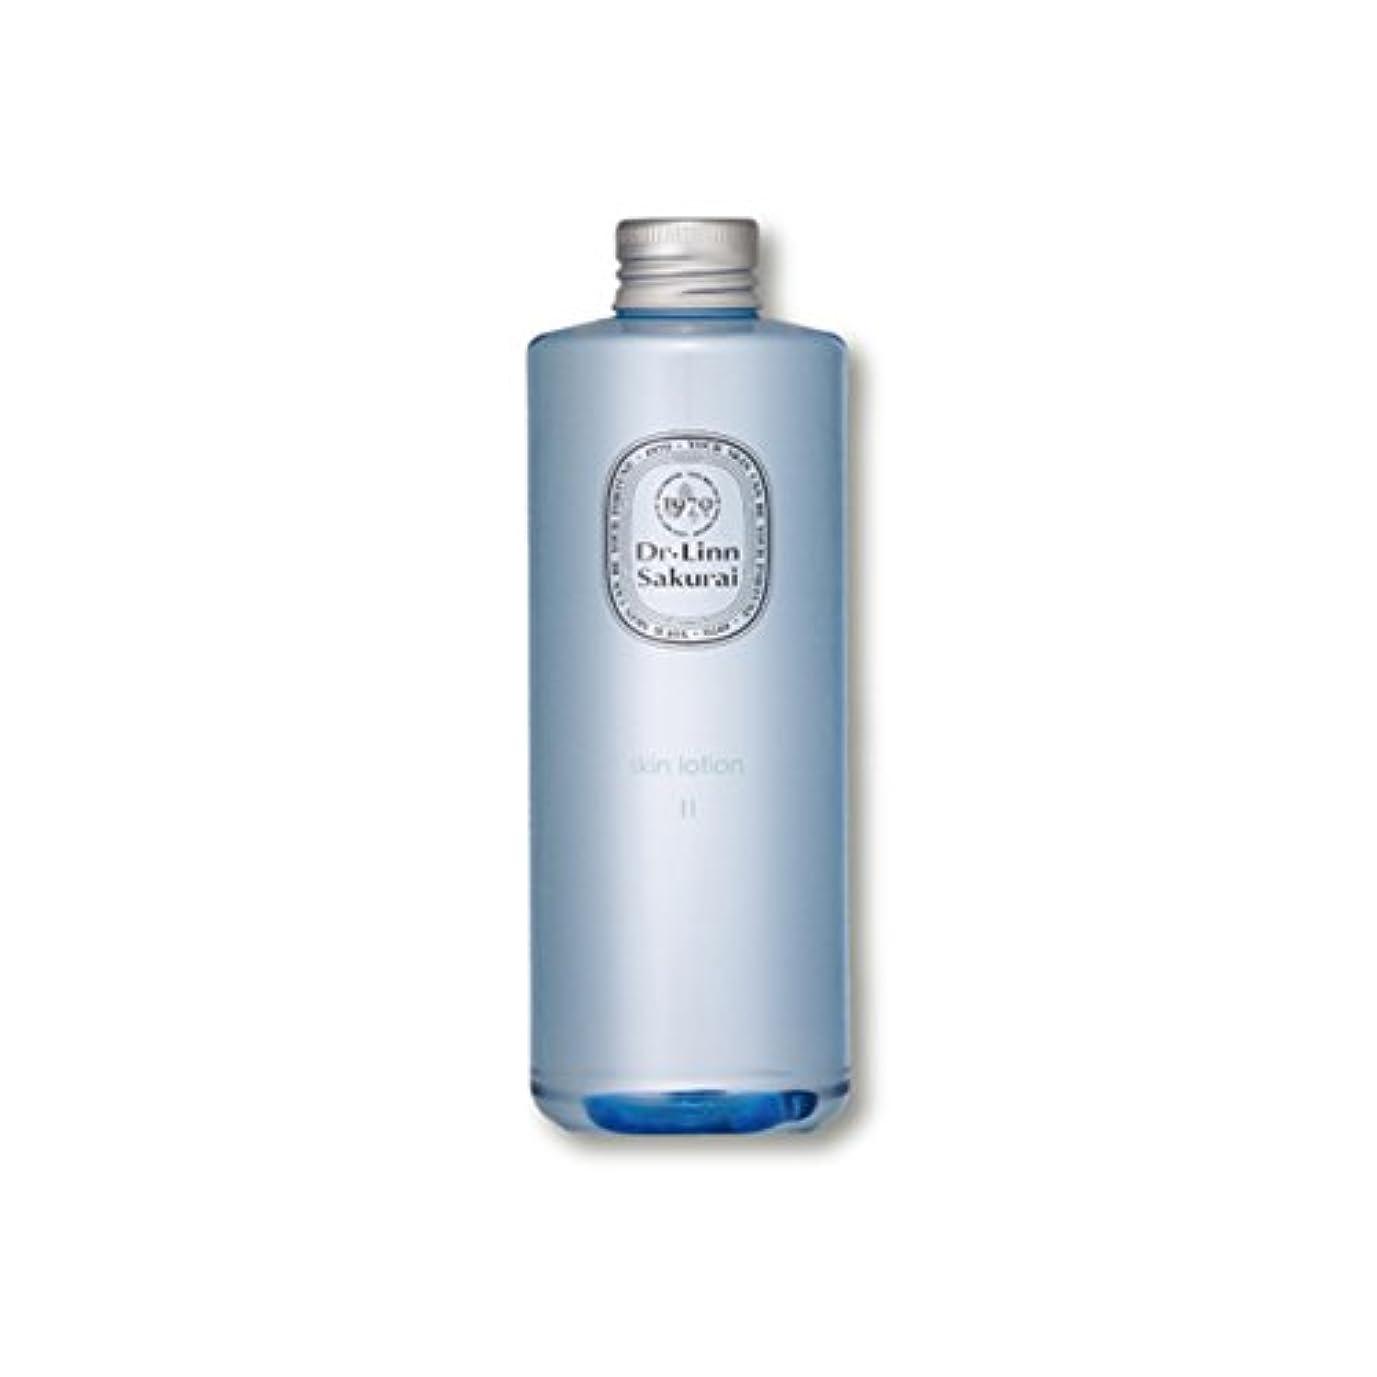 傾向がありますために広範囲にドクターリンサクライ スキンローションII しっとりタイプ 300ml  (化粧水)